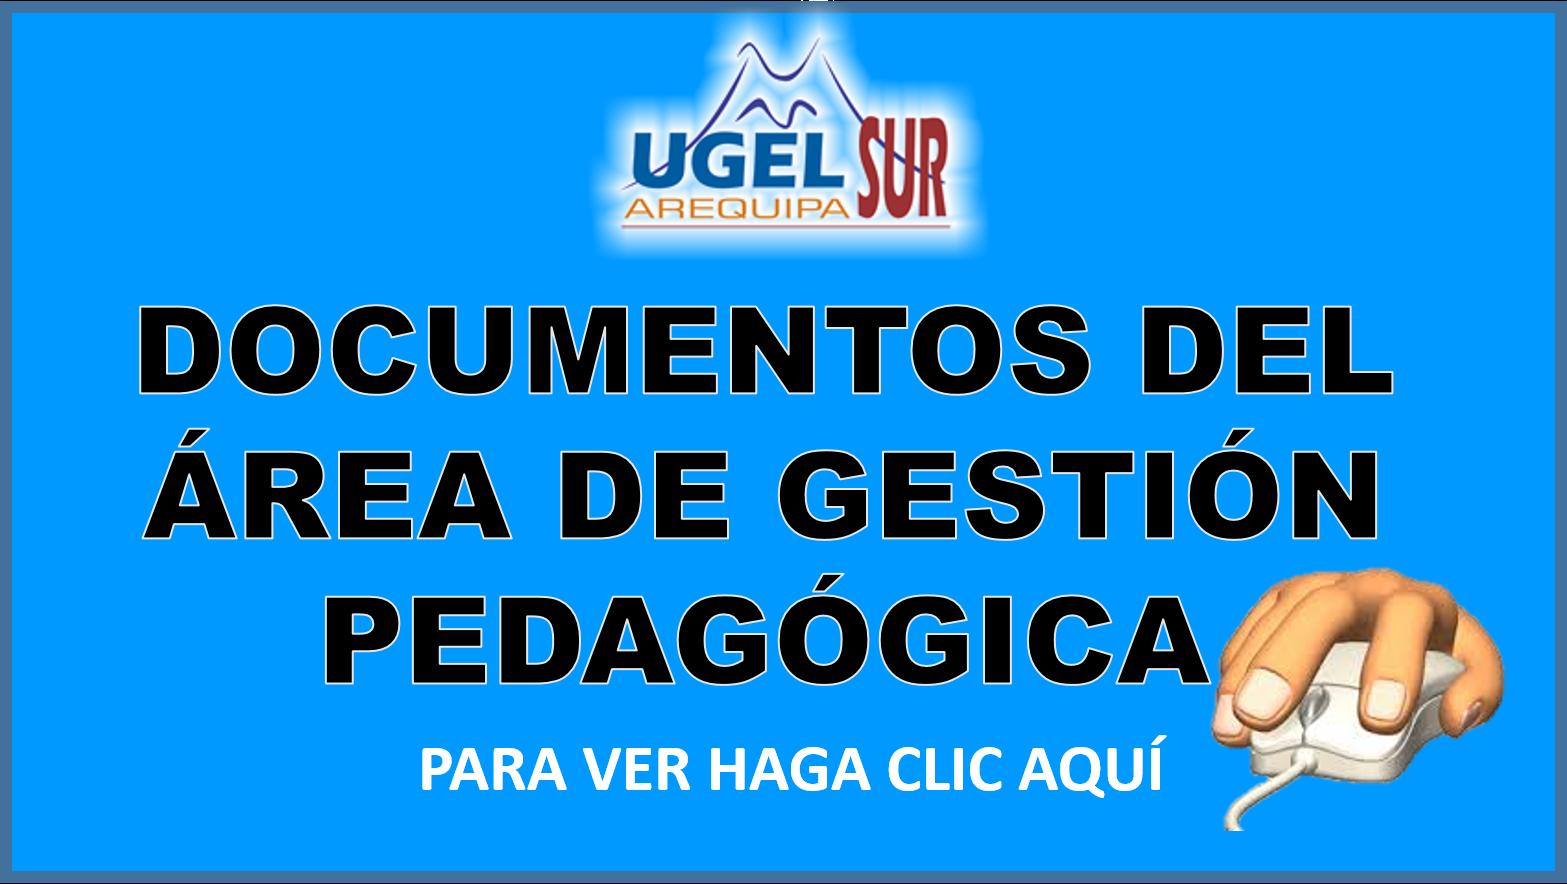 DOCUMENTOS DEL ÁREA DE GESTIÓN PEDAGÓGICA